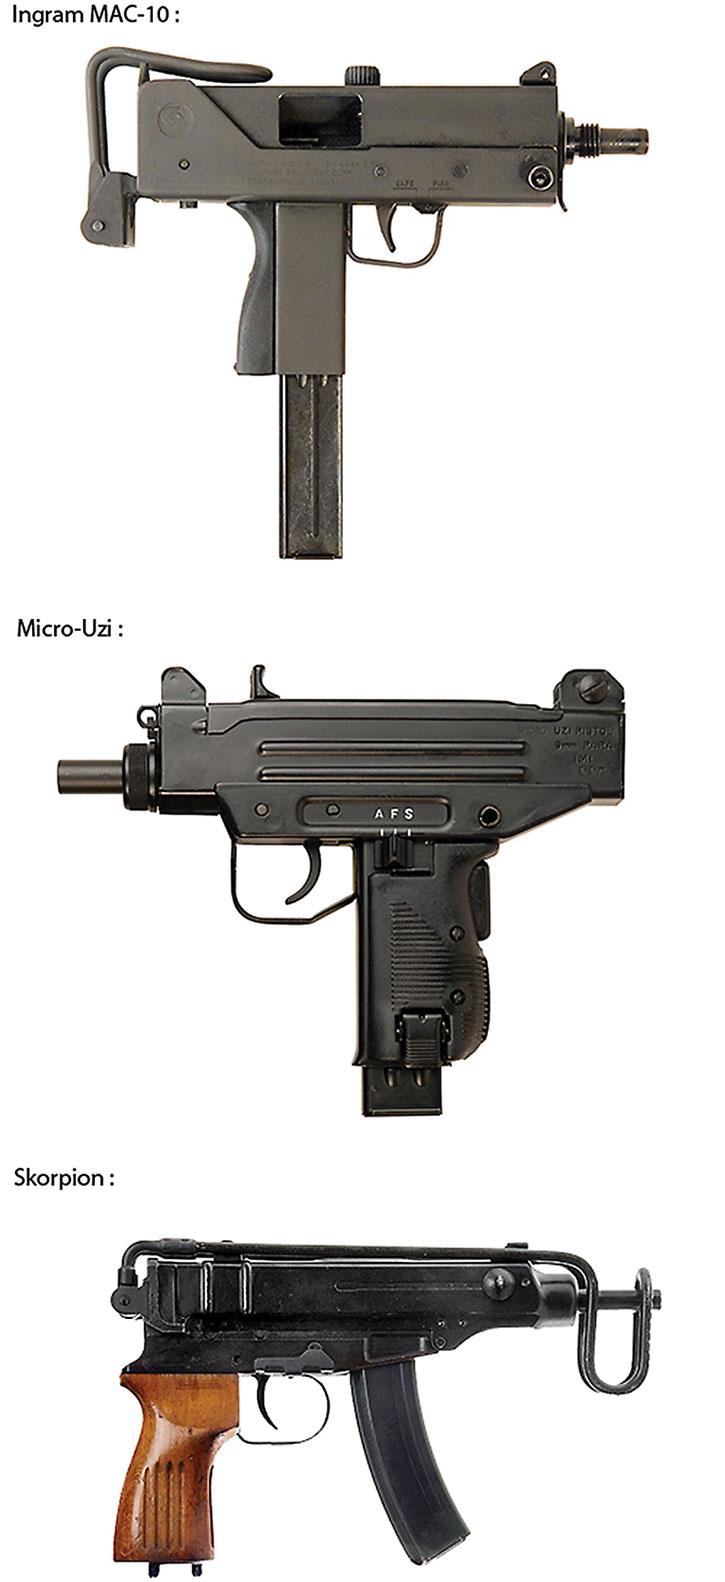 Typical machine pistols